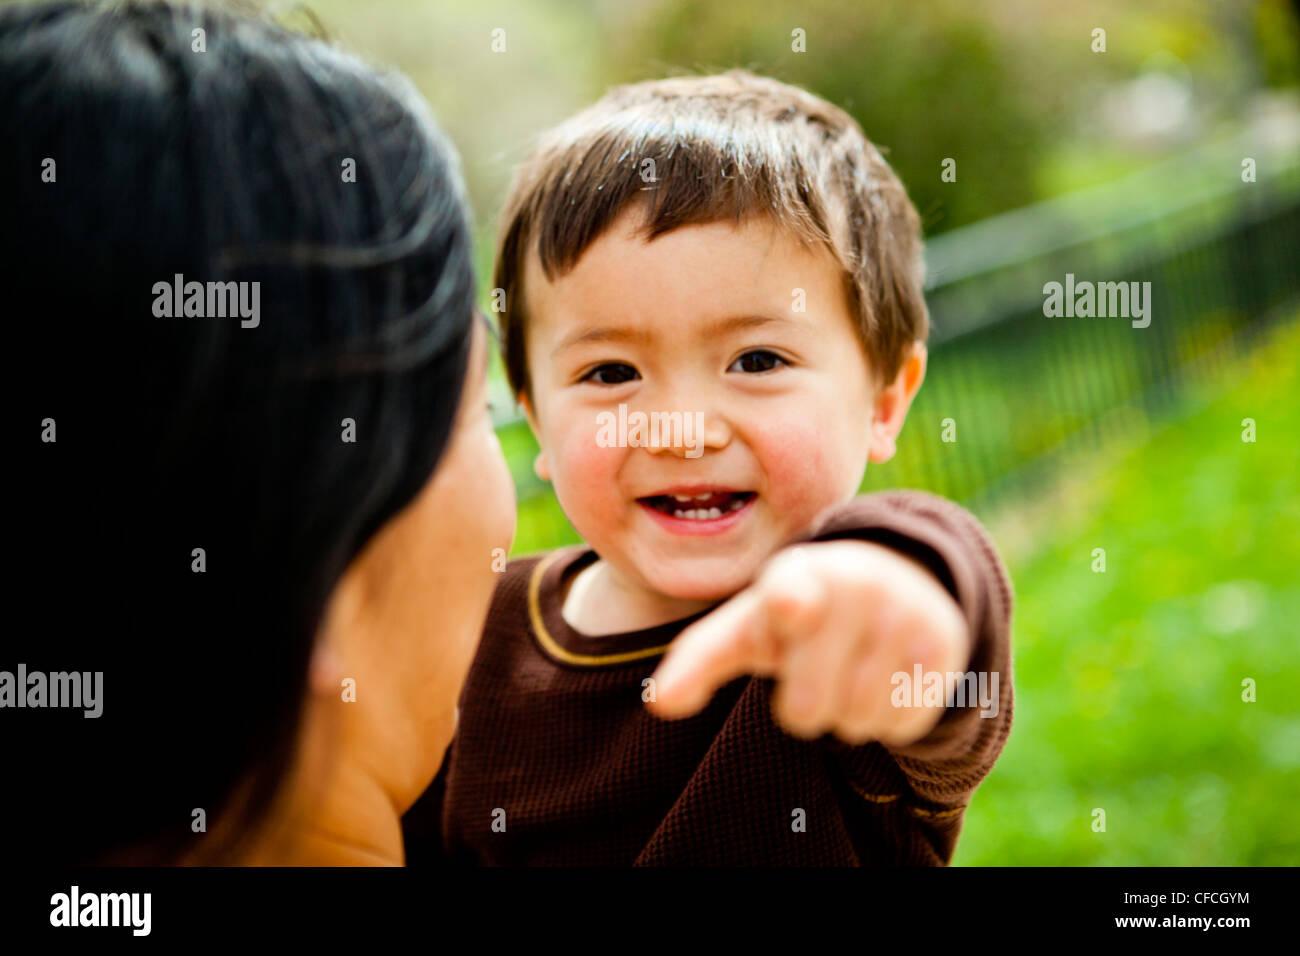 Besos y una madre sostiene a su hijo de 2 años. Imagen De Stock